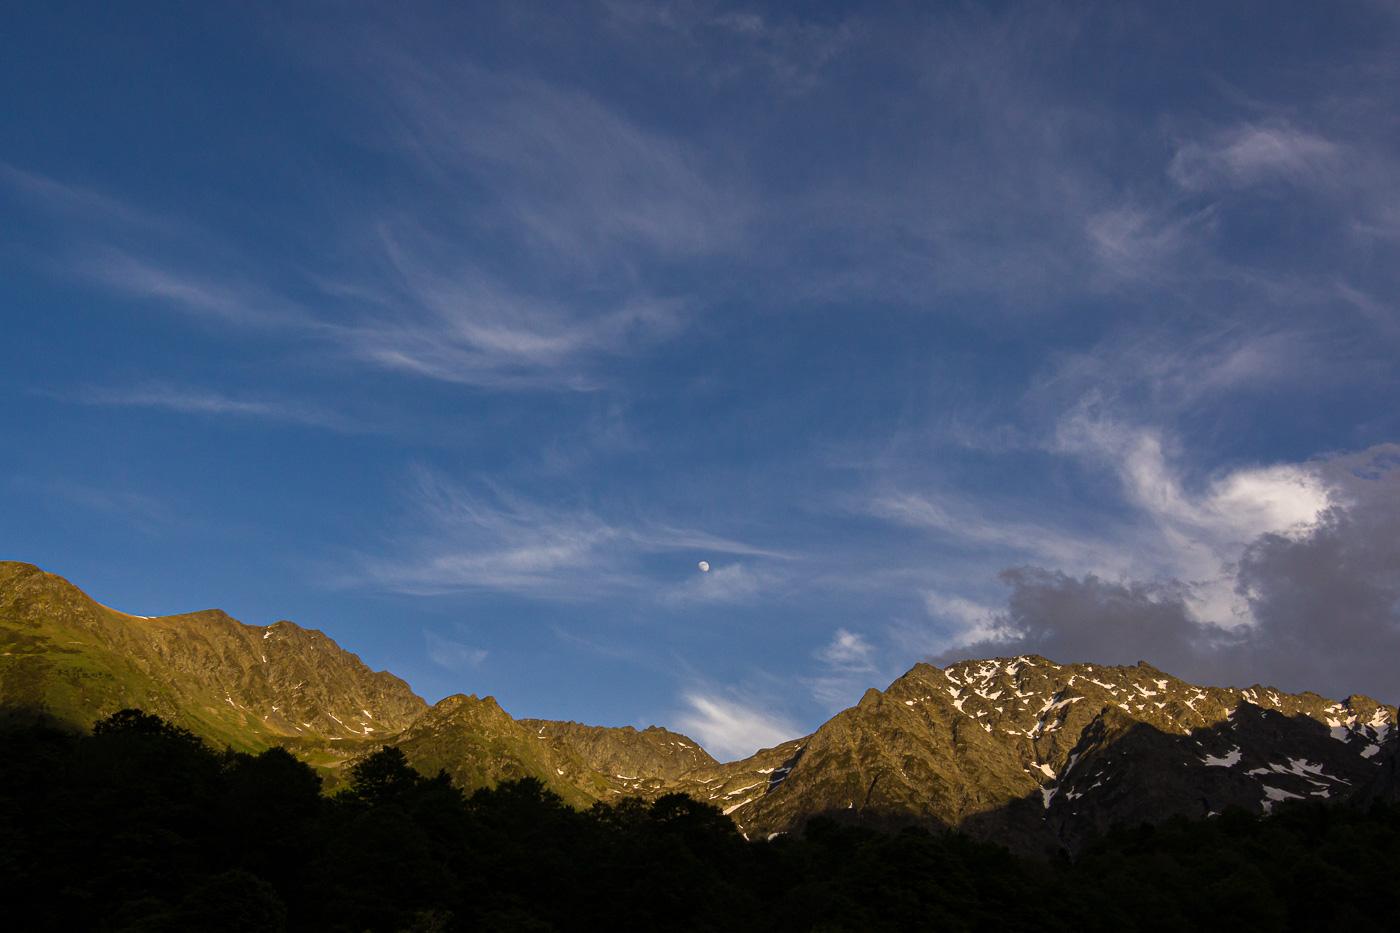 i la lluna al centre - Fotografies de paisatges - Raül Carmona - Fotografia, Fotografia d'estudi, esdeveniments i Natura